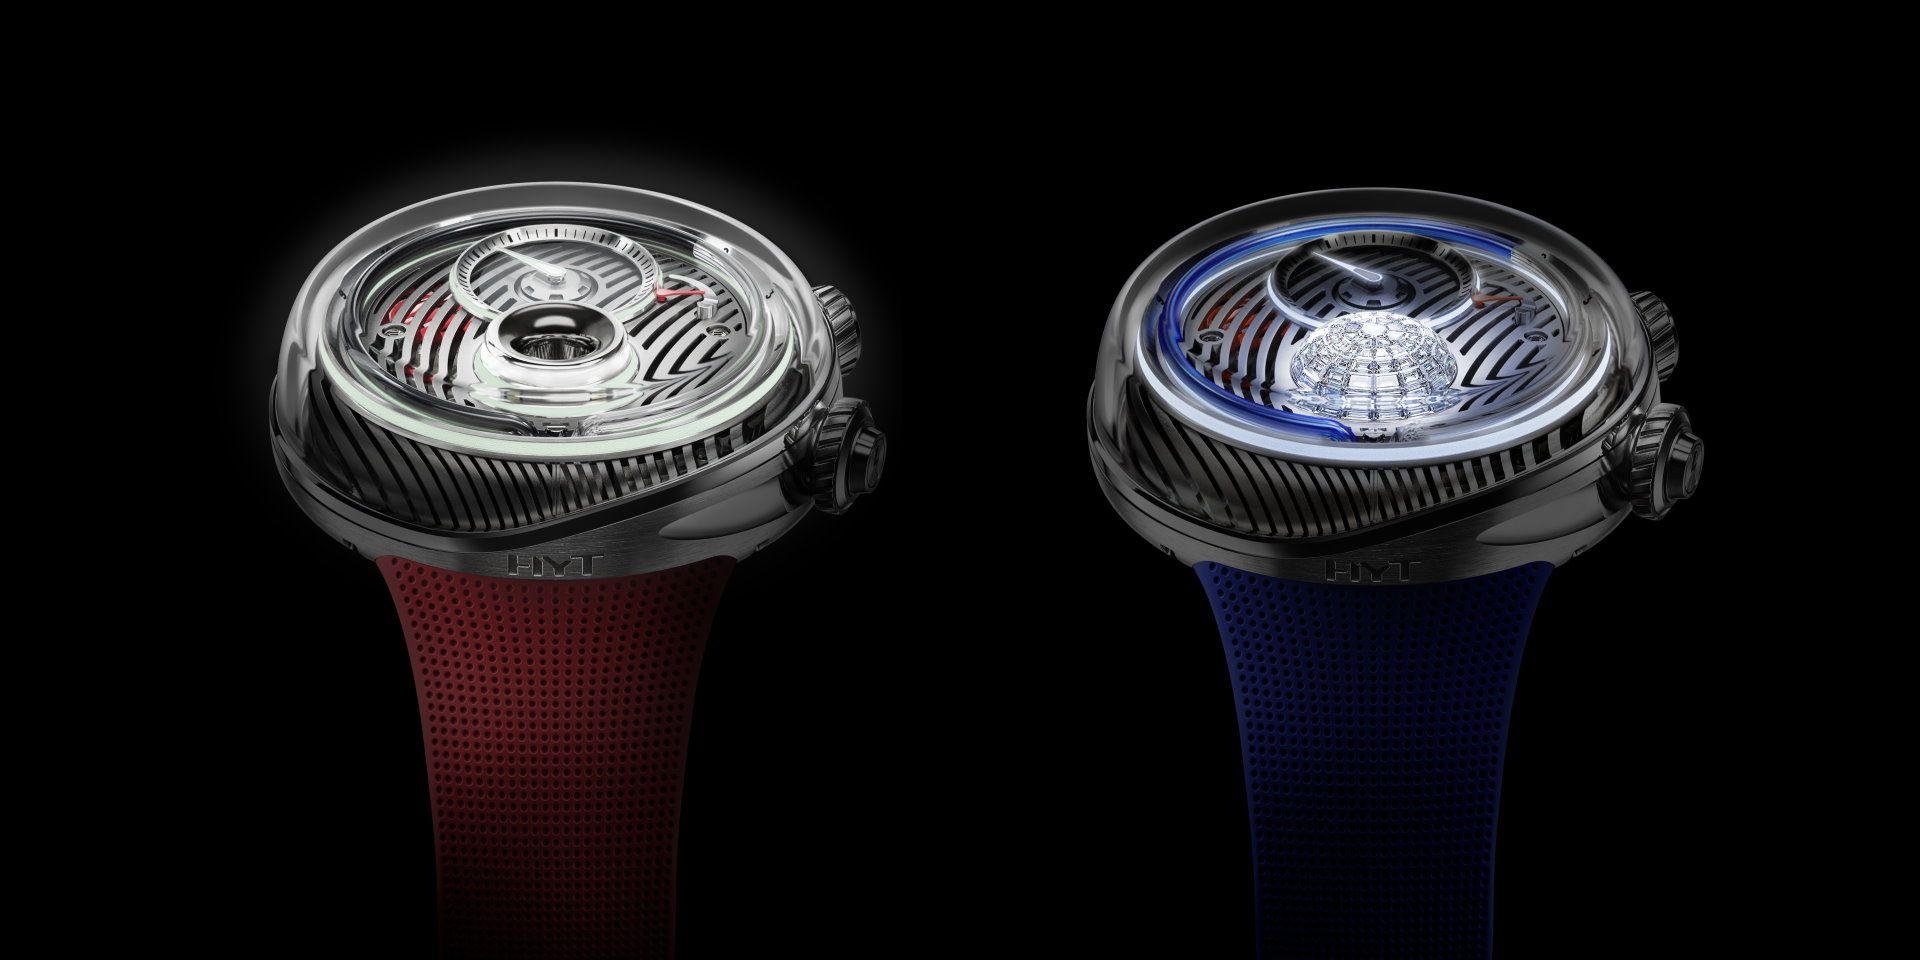 盡綻計時科技光芒:HYT FLOW腕錶自帶微型發電機和LED照明